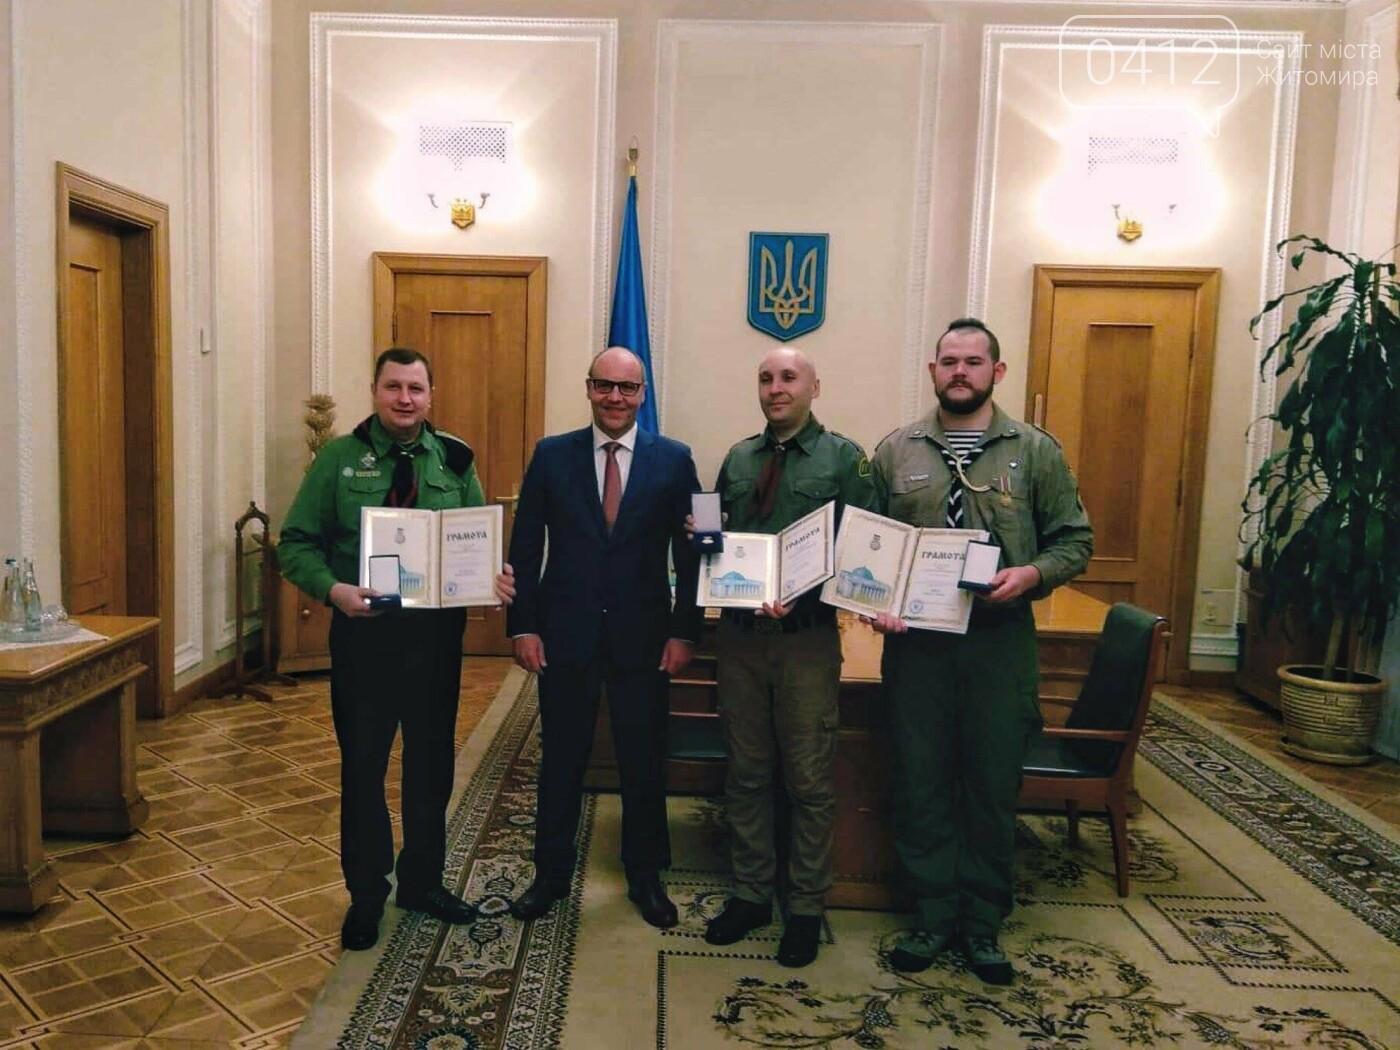 Керівника Житомирського Пластового центру відзначено Грамотою Верховної Ради України., фото-1